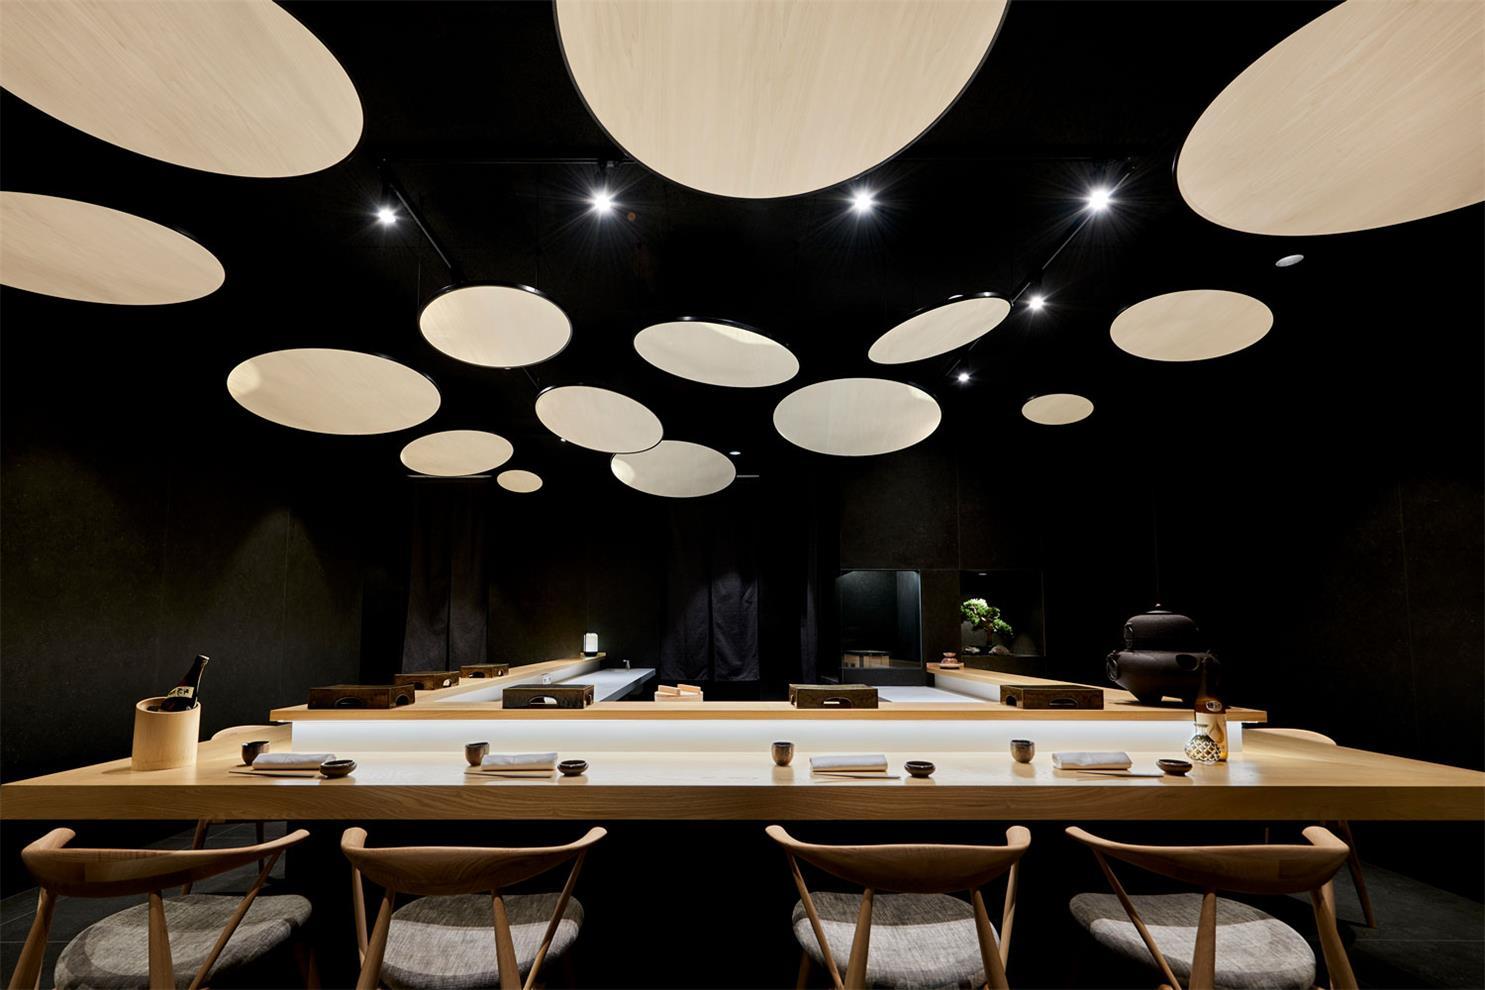 寿司店中央吧台设计